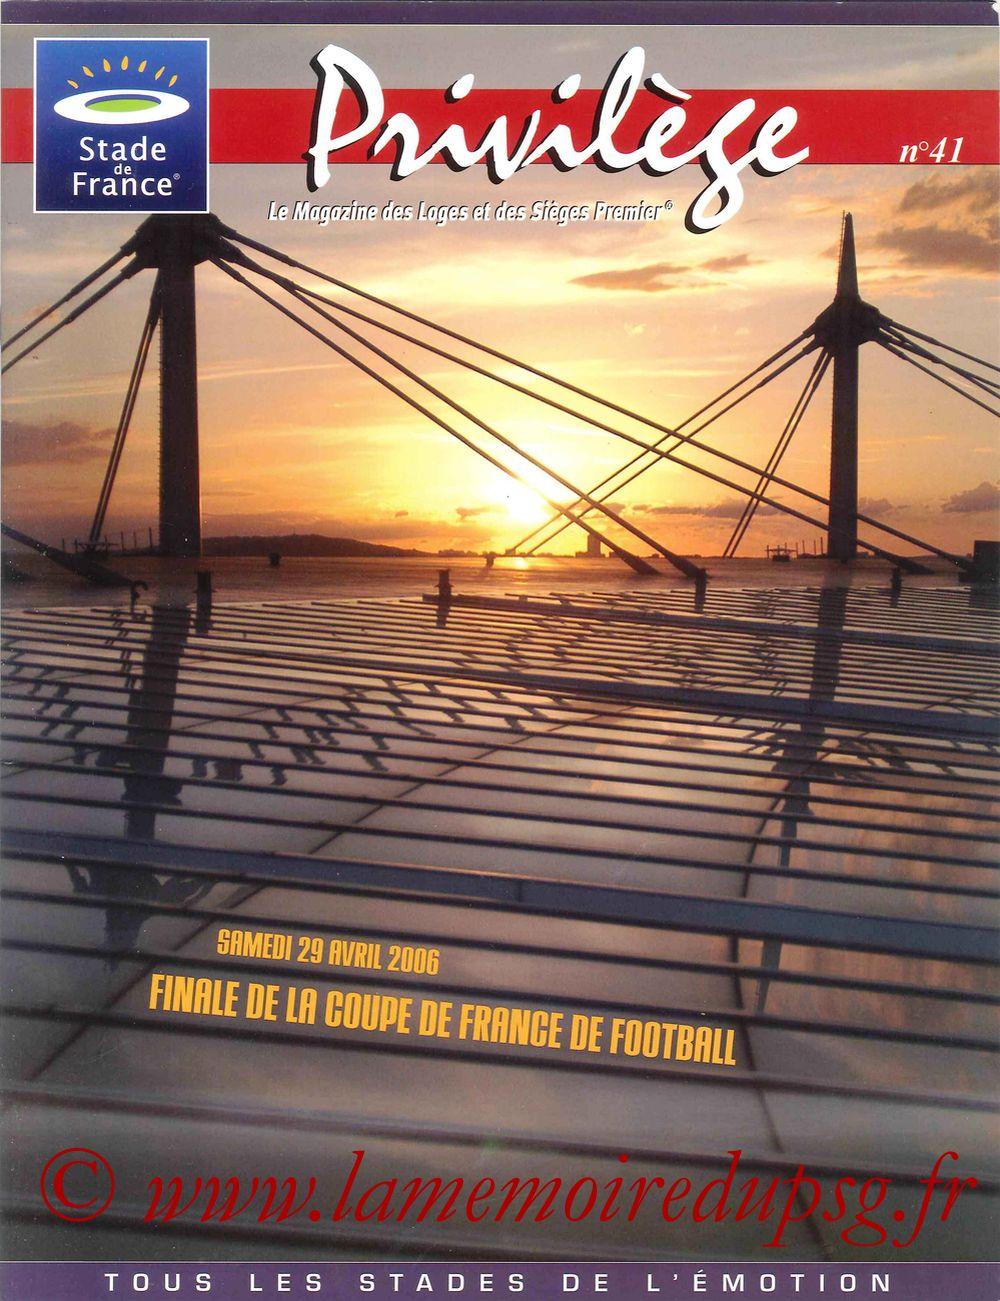 2006-04-29  PSG-Marseille (Finale CF au Stade de France, Privilège N°41)